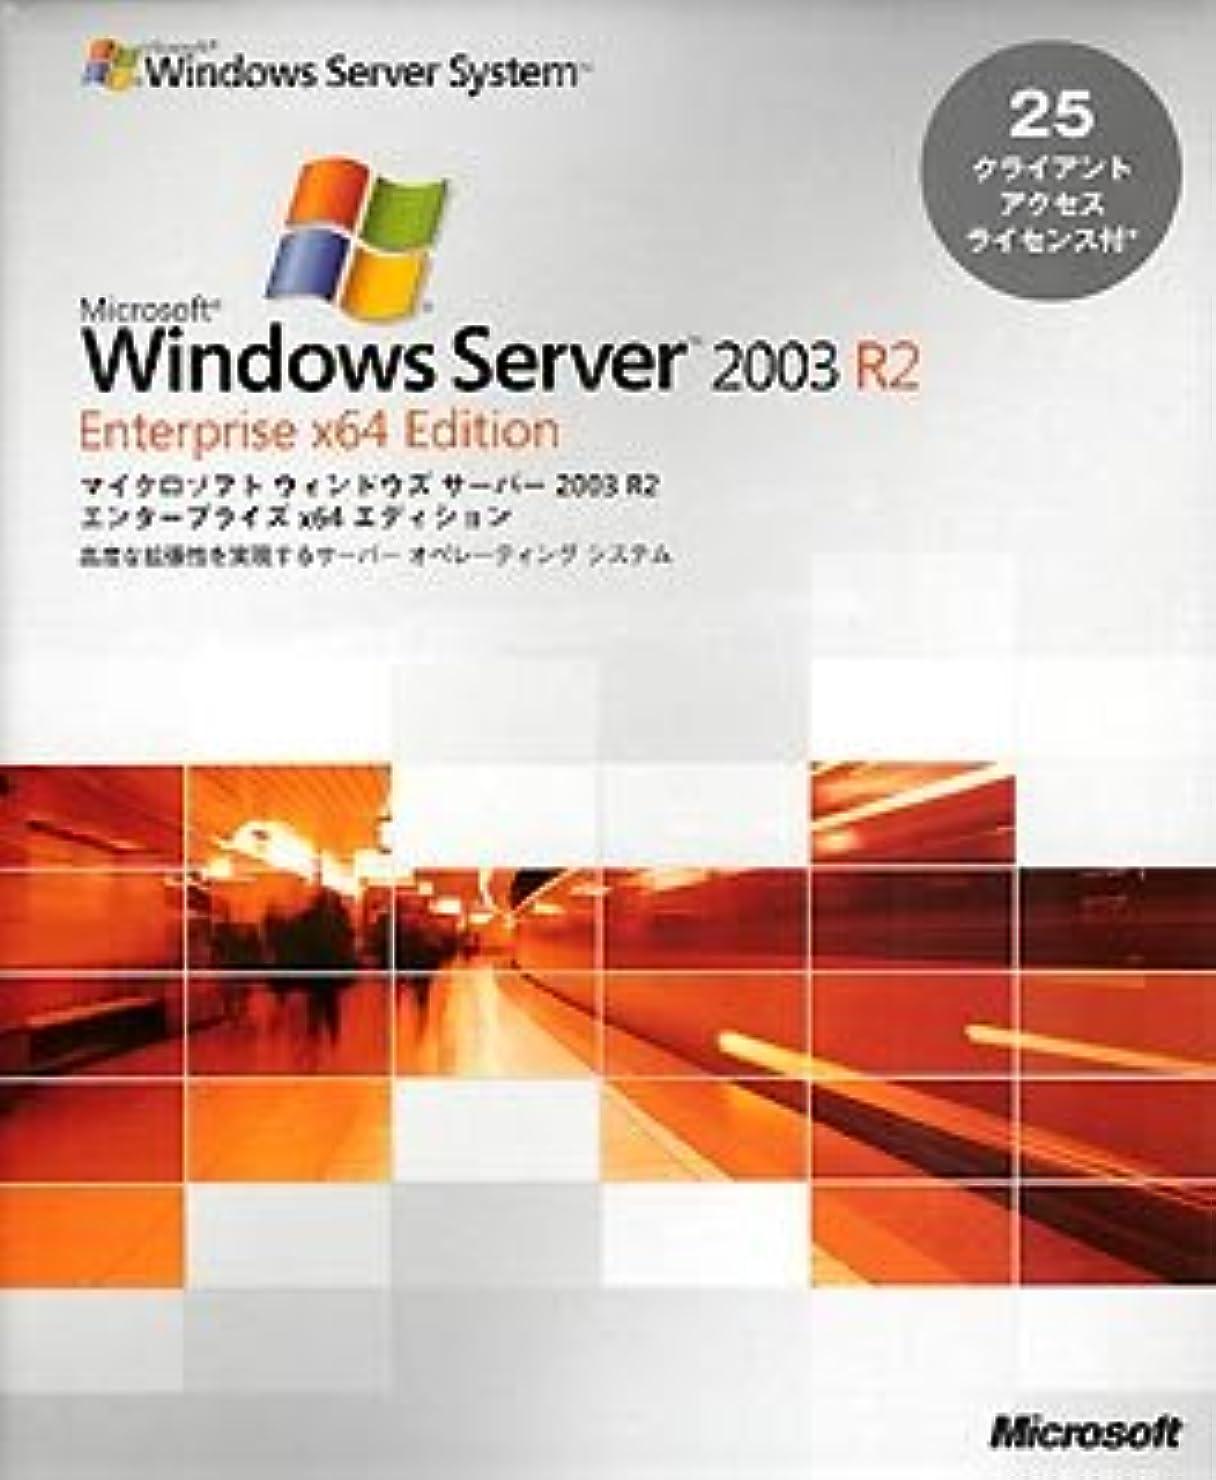 広範囲マインド奇跡的なMicrosoft Windows Server 2003 R2 Enterprise x64 Edition 25クライアントアクセスライセンス付